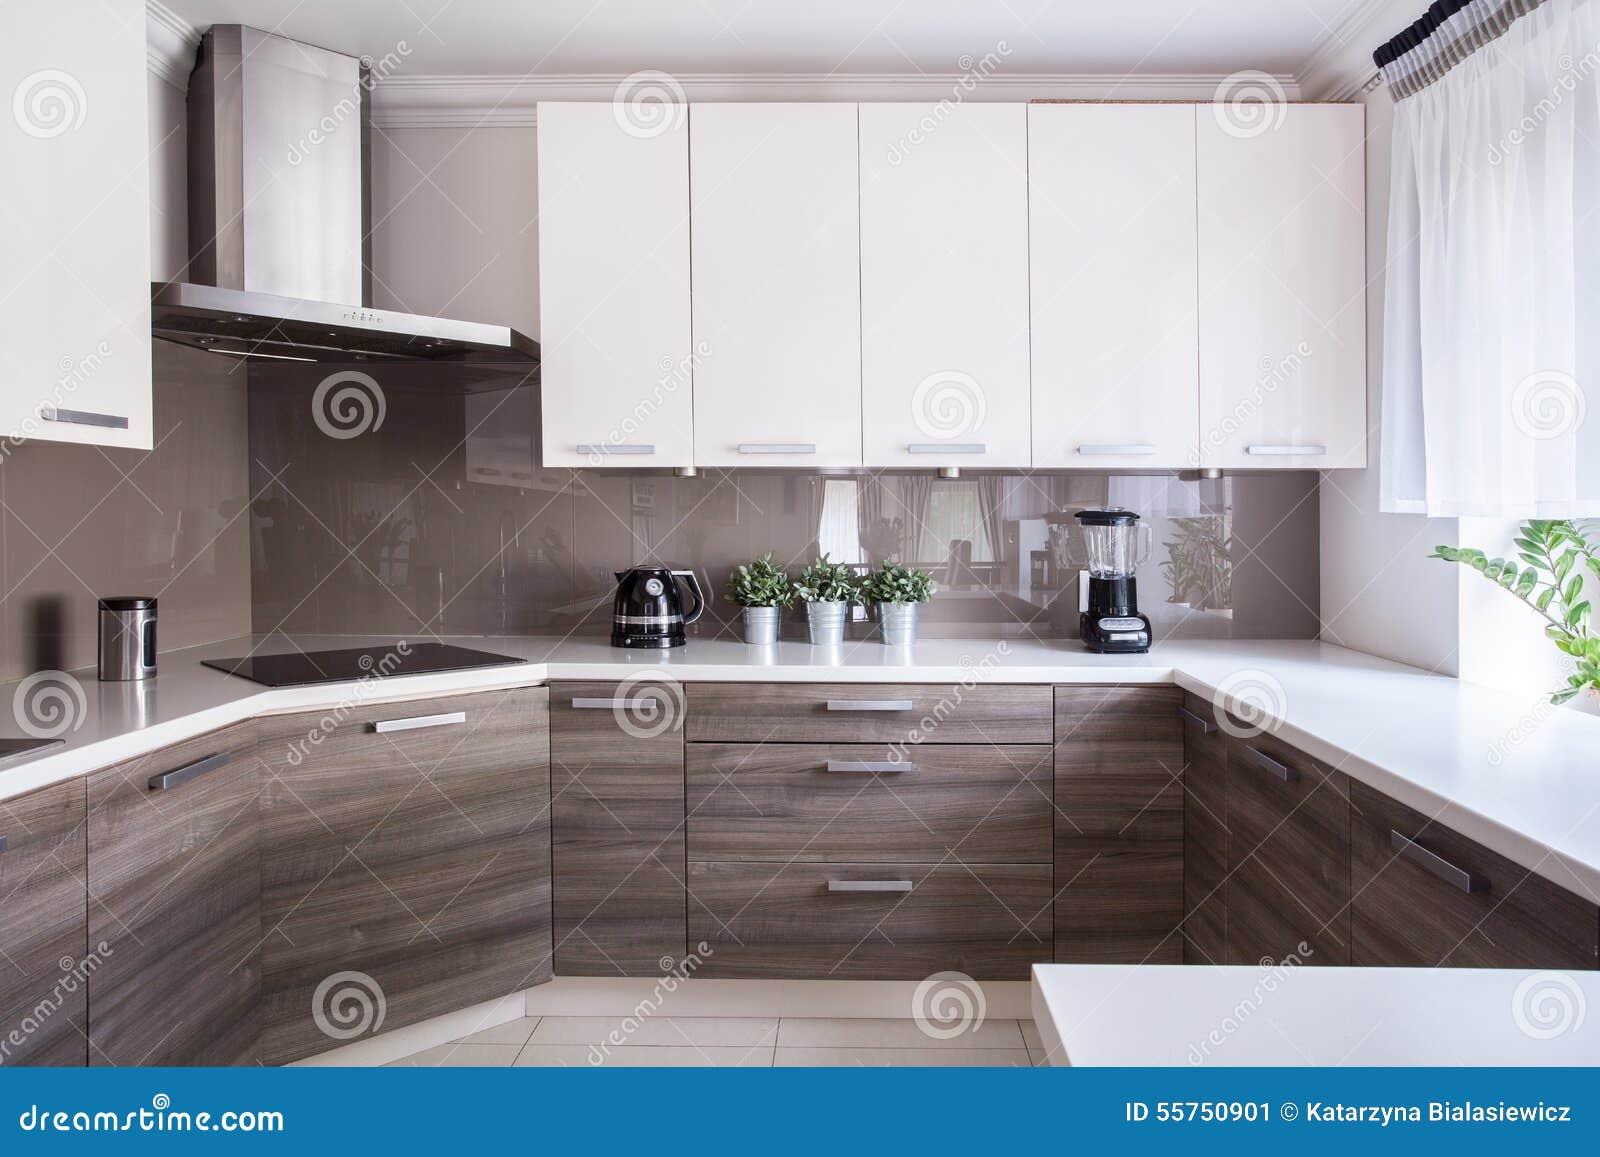 Marvelous Gemütliche Beige Küche